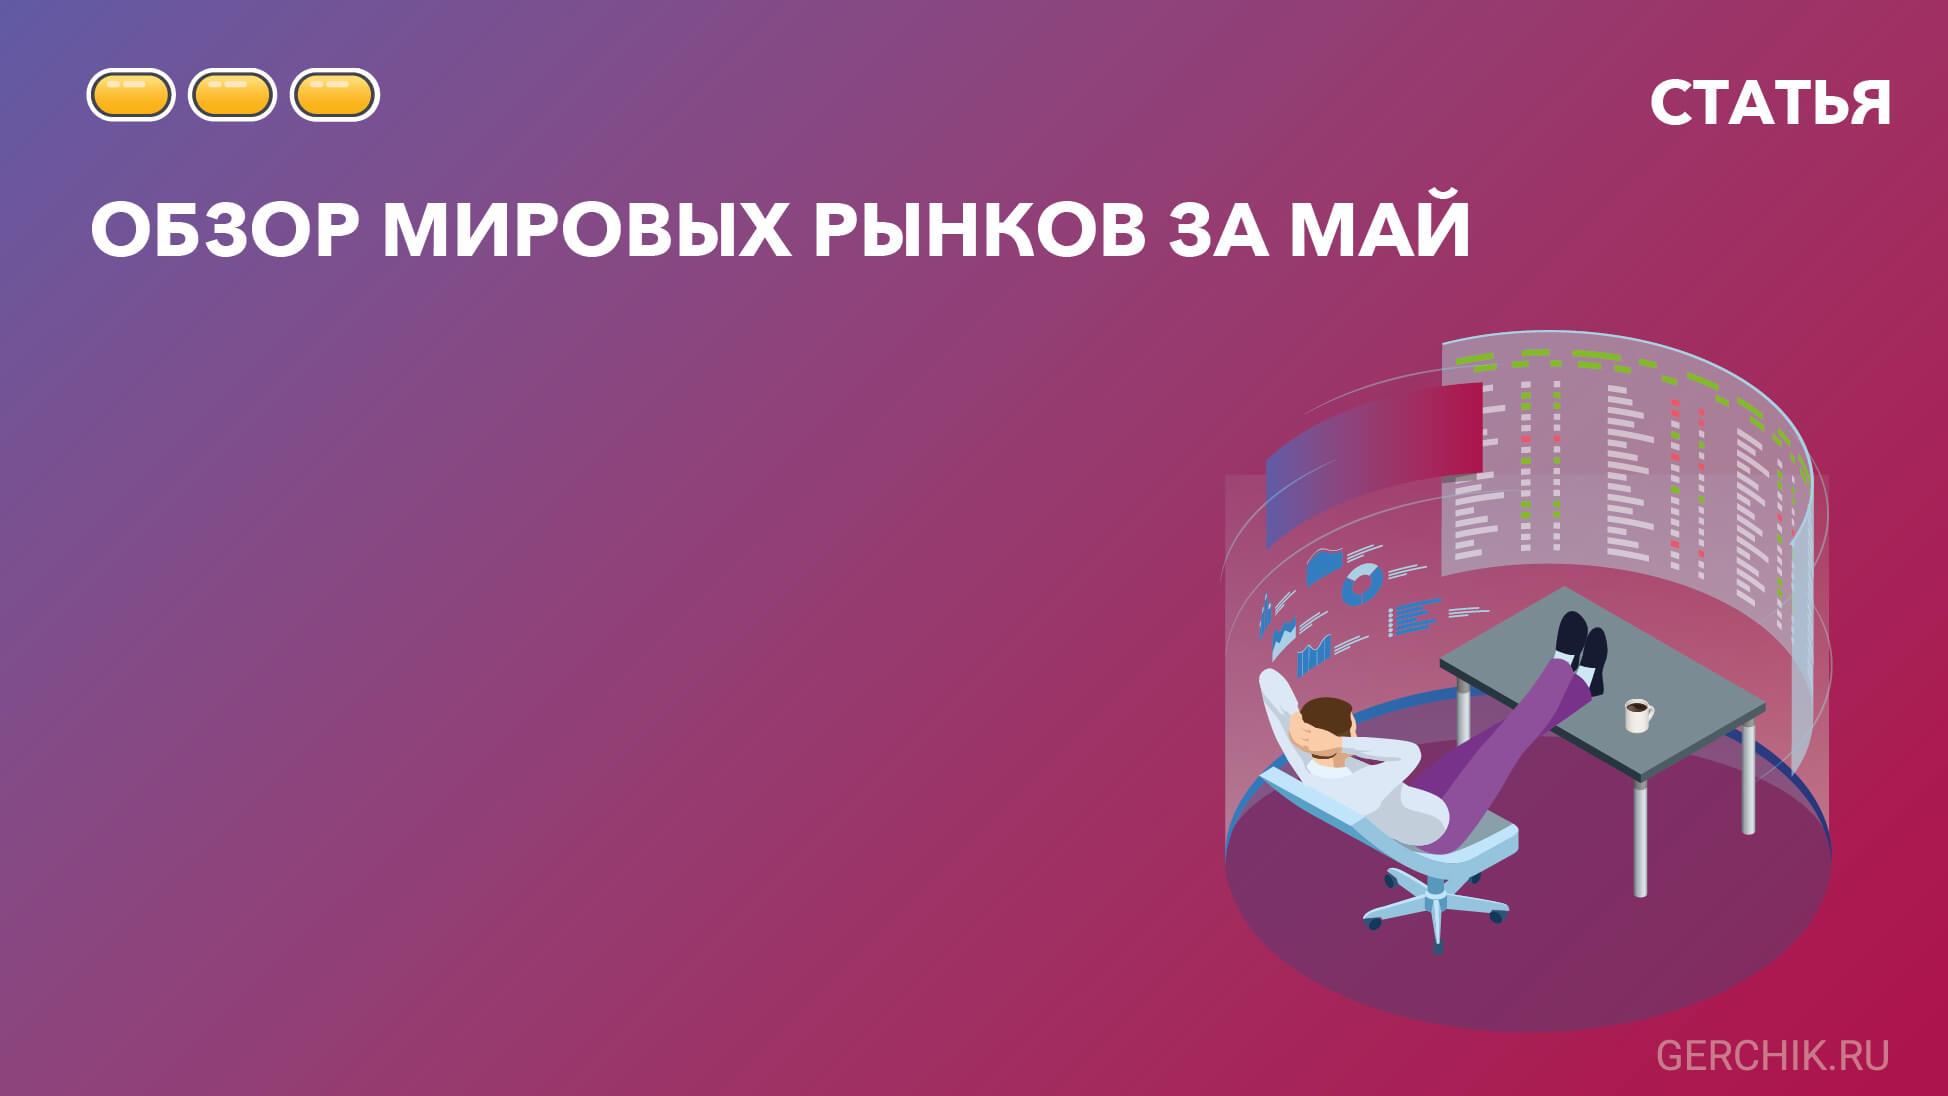 obzor-mirovikh-rinkov-za-may